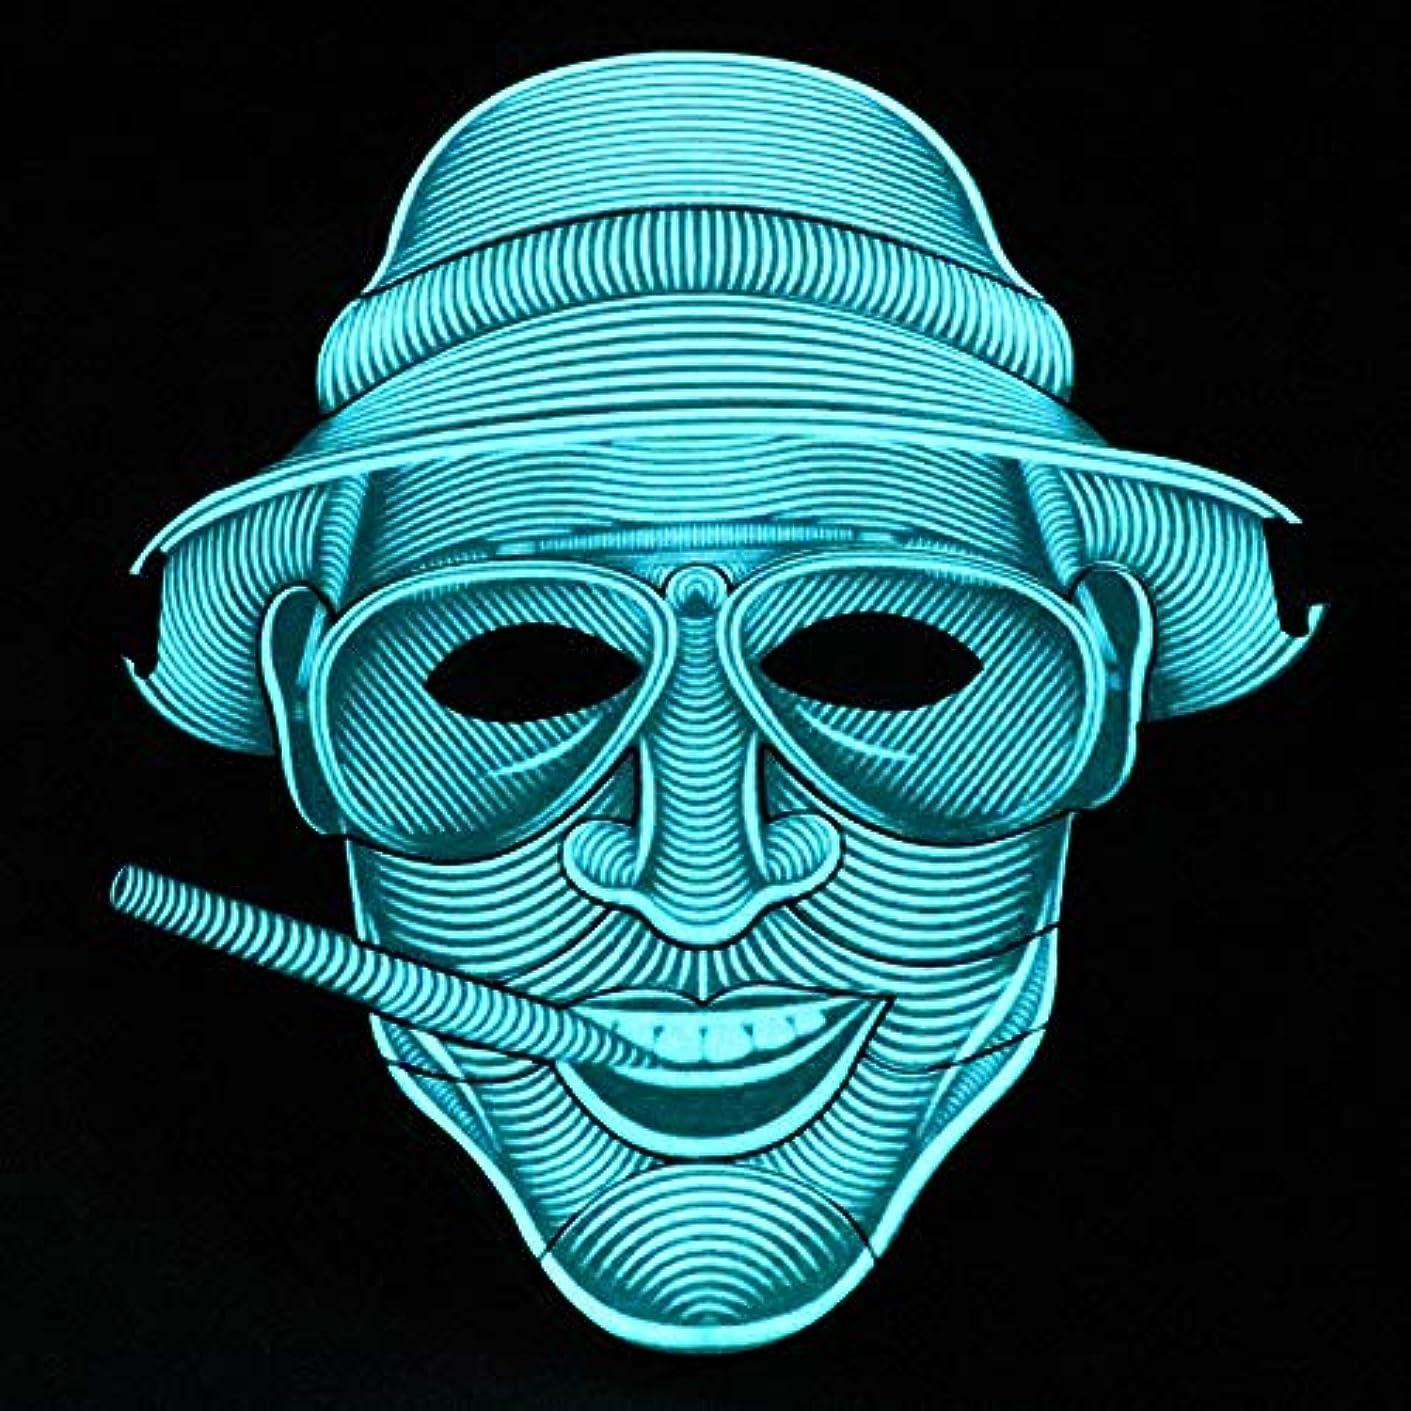 白いダルセット黒くする照らされたマスクLED創造的な冷光音響制御マスクハロウィンバーフェスティバルダンスマスク (Color : #7)